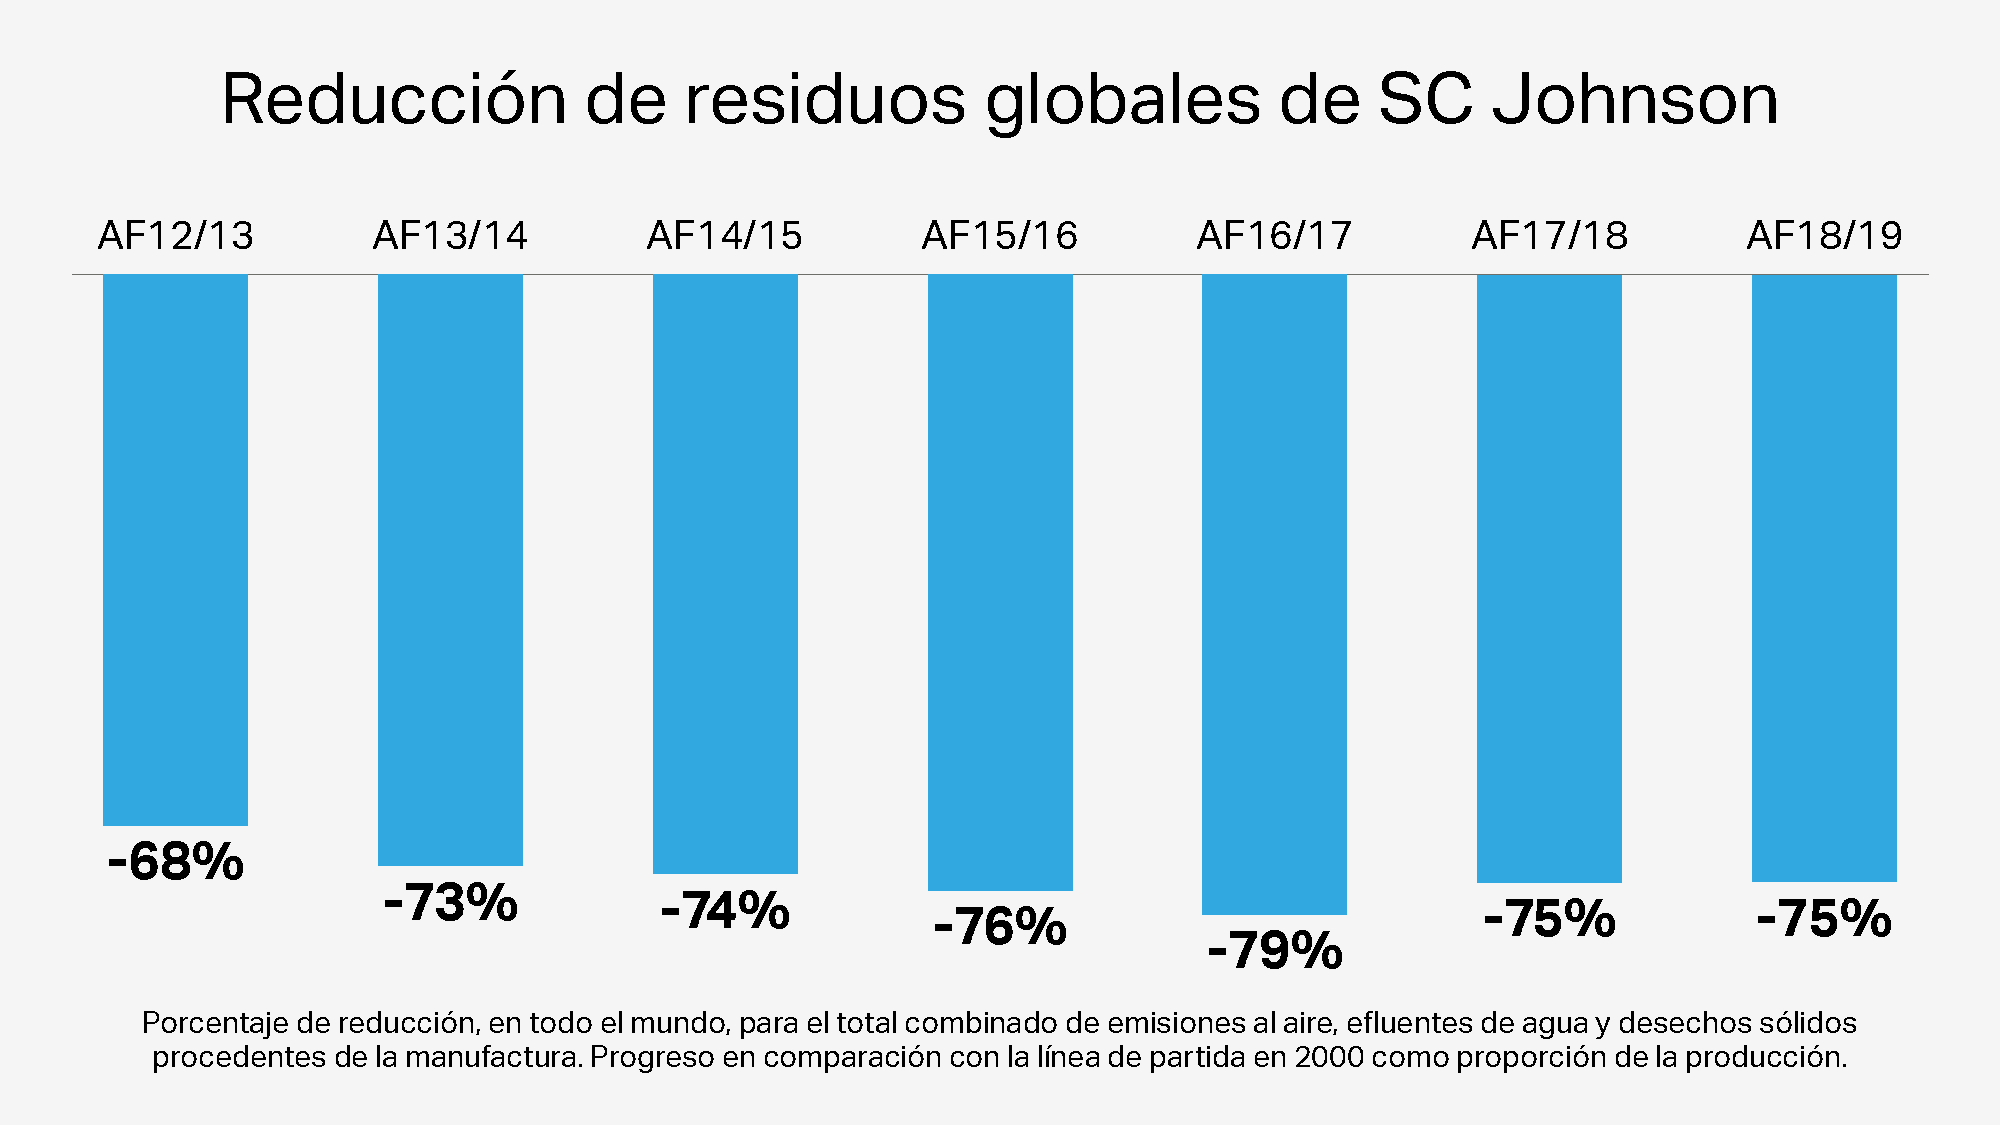 Reducción de generación de residuos globales de SC Johnson